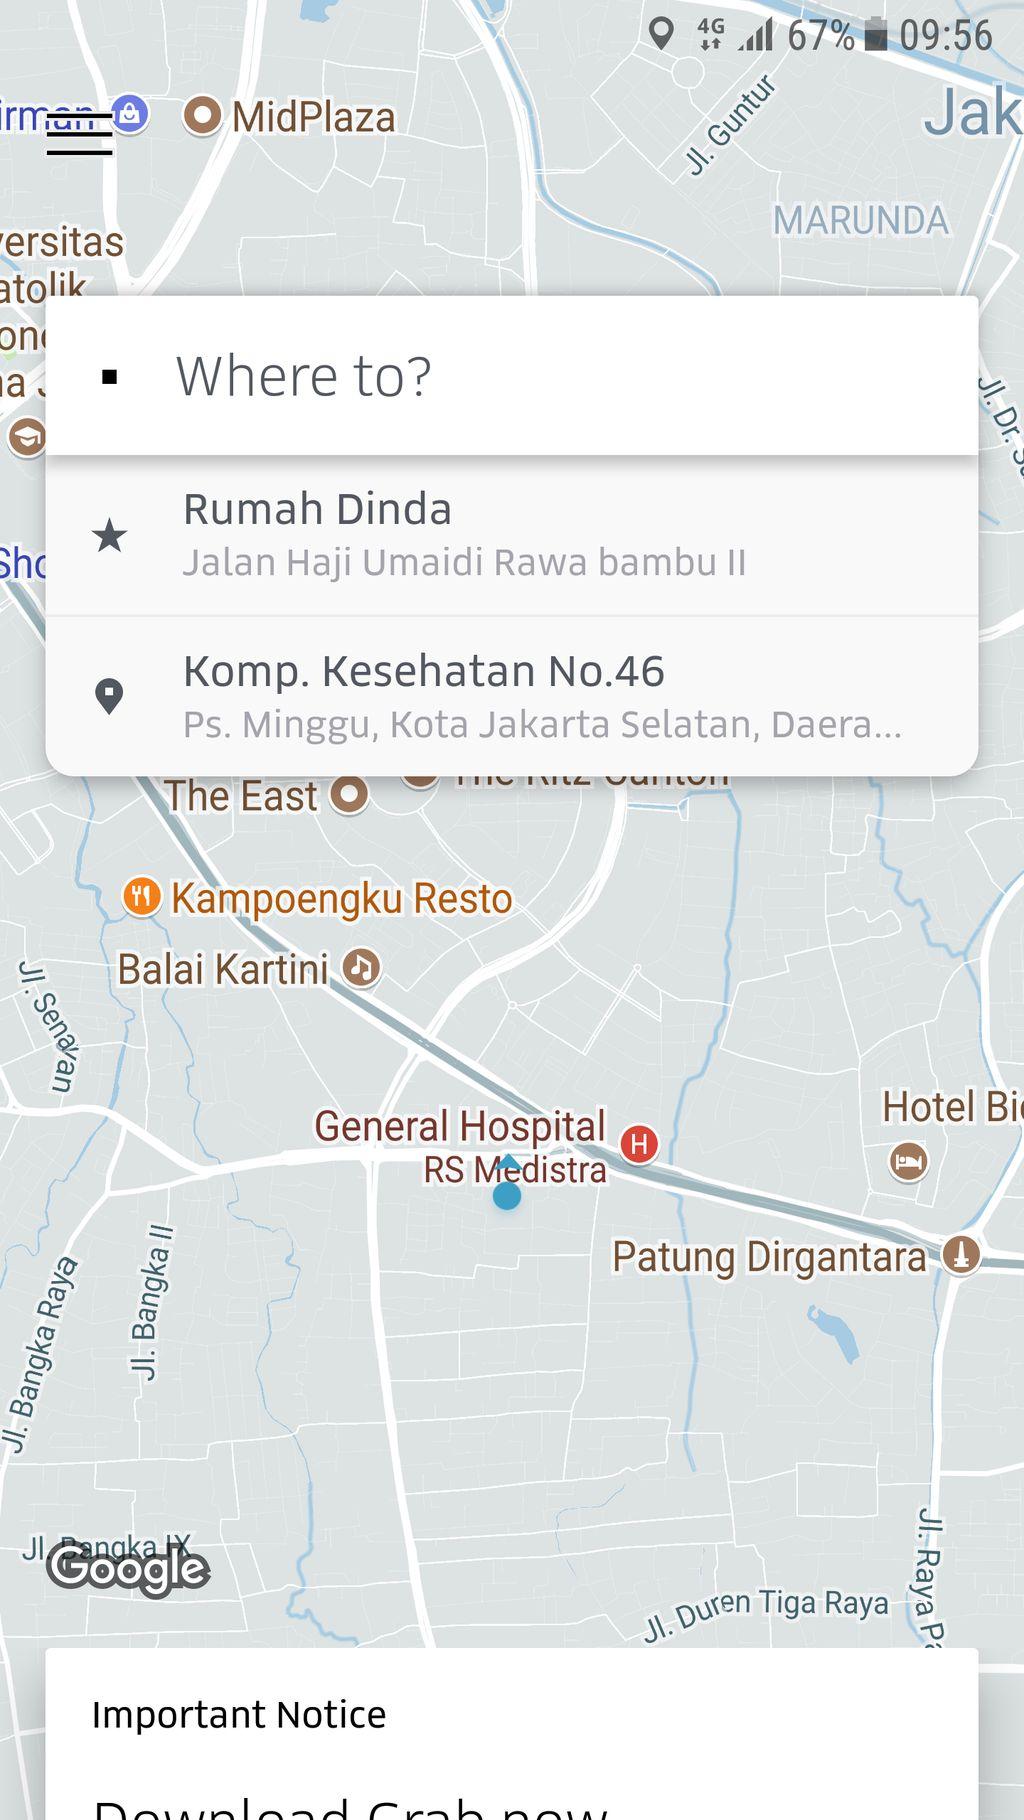 Tampilan muka aplikasi Uber yang biasanya dihiasi keberadaan para driver, kini tampak kosong melompong, walau tetap bisa mendeteksi lokasi penggunannya. (Foto: Screenshot)